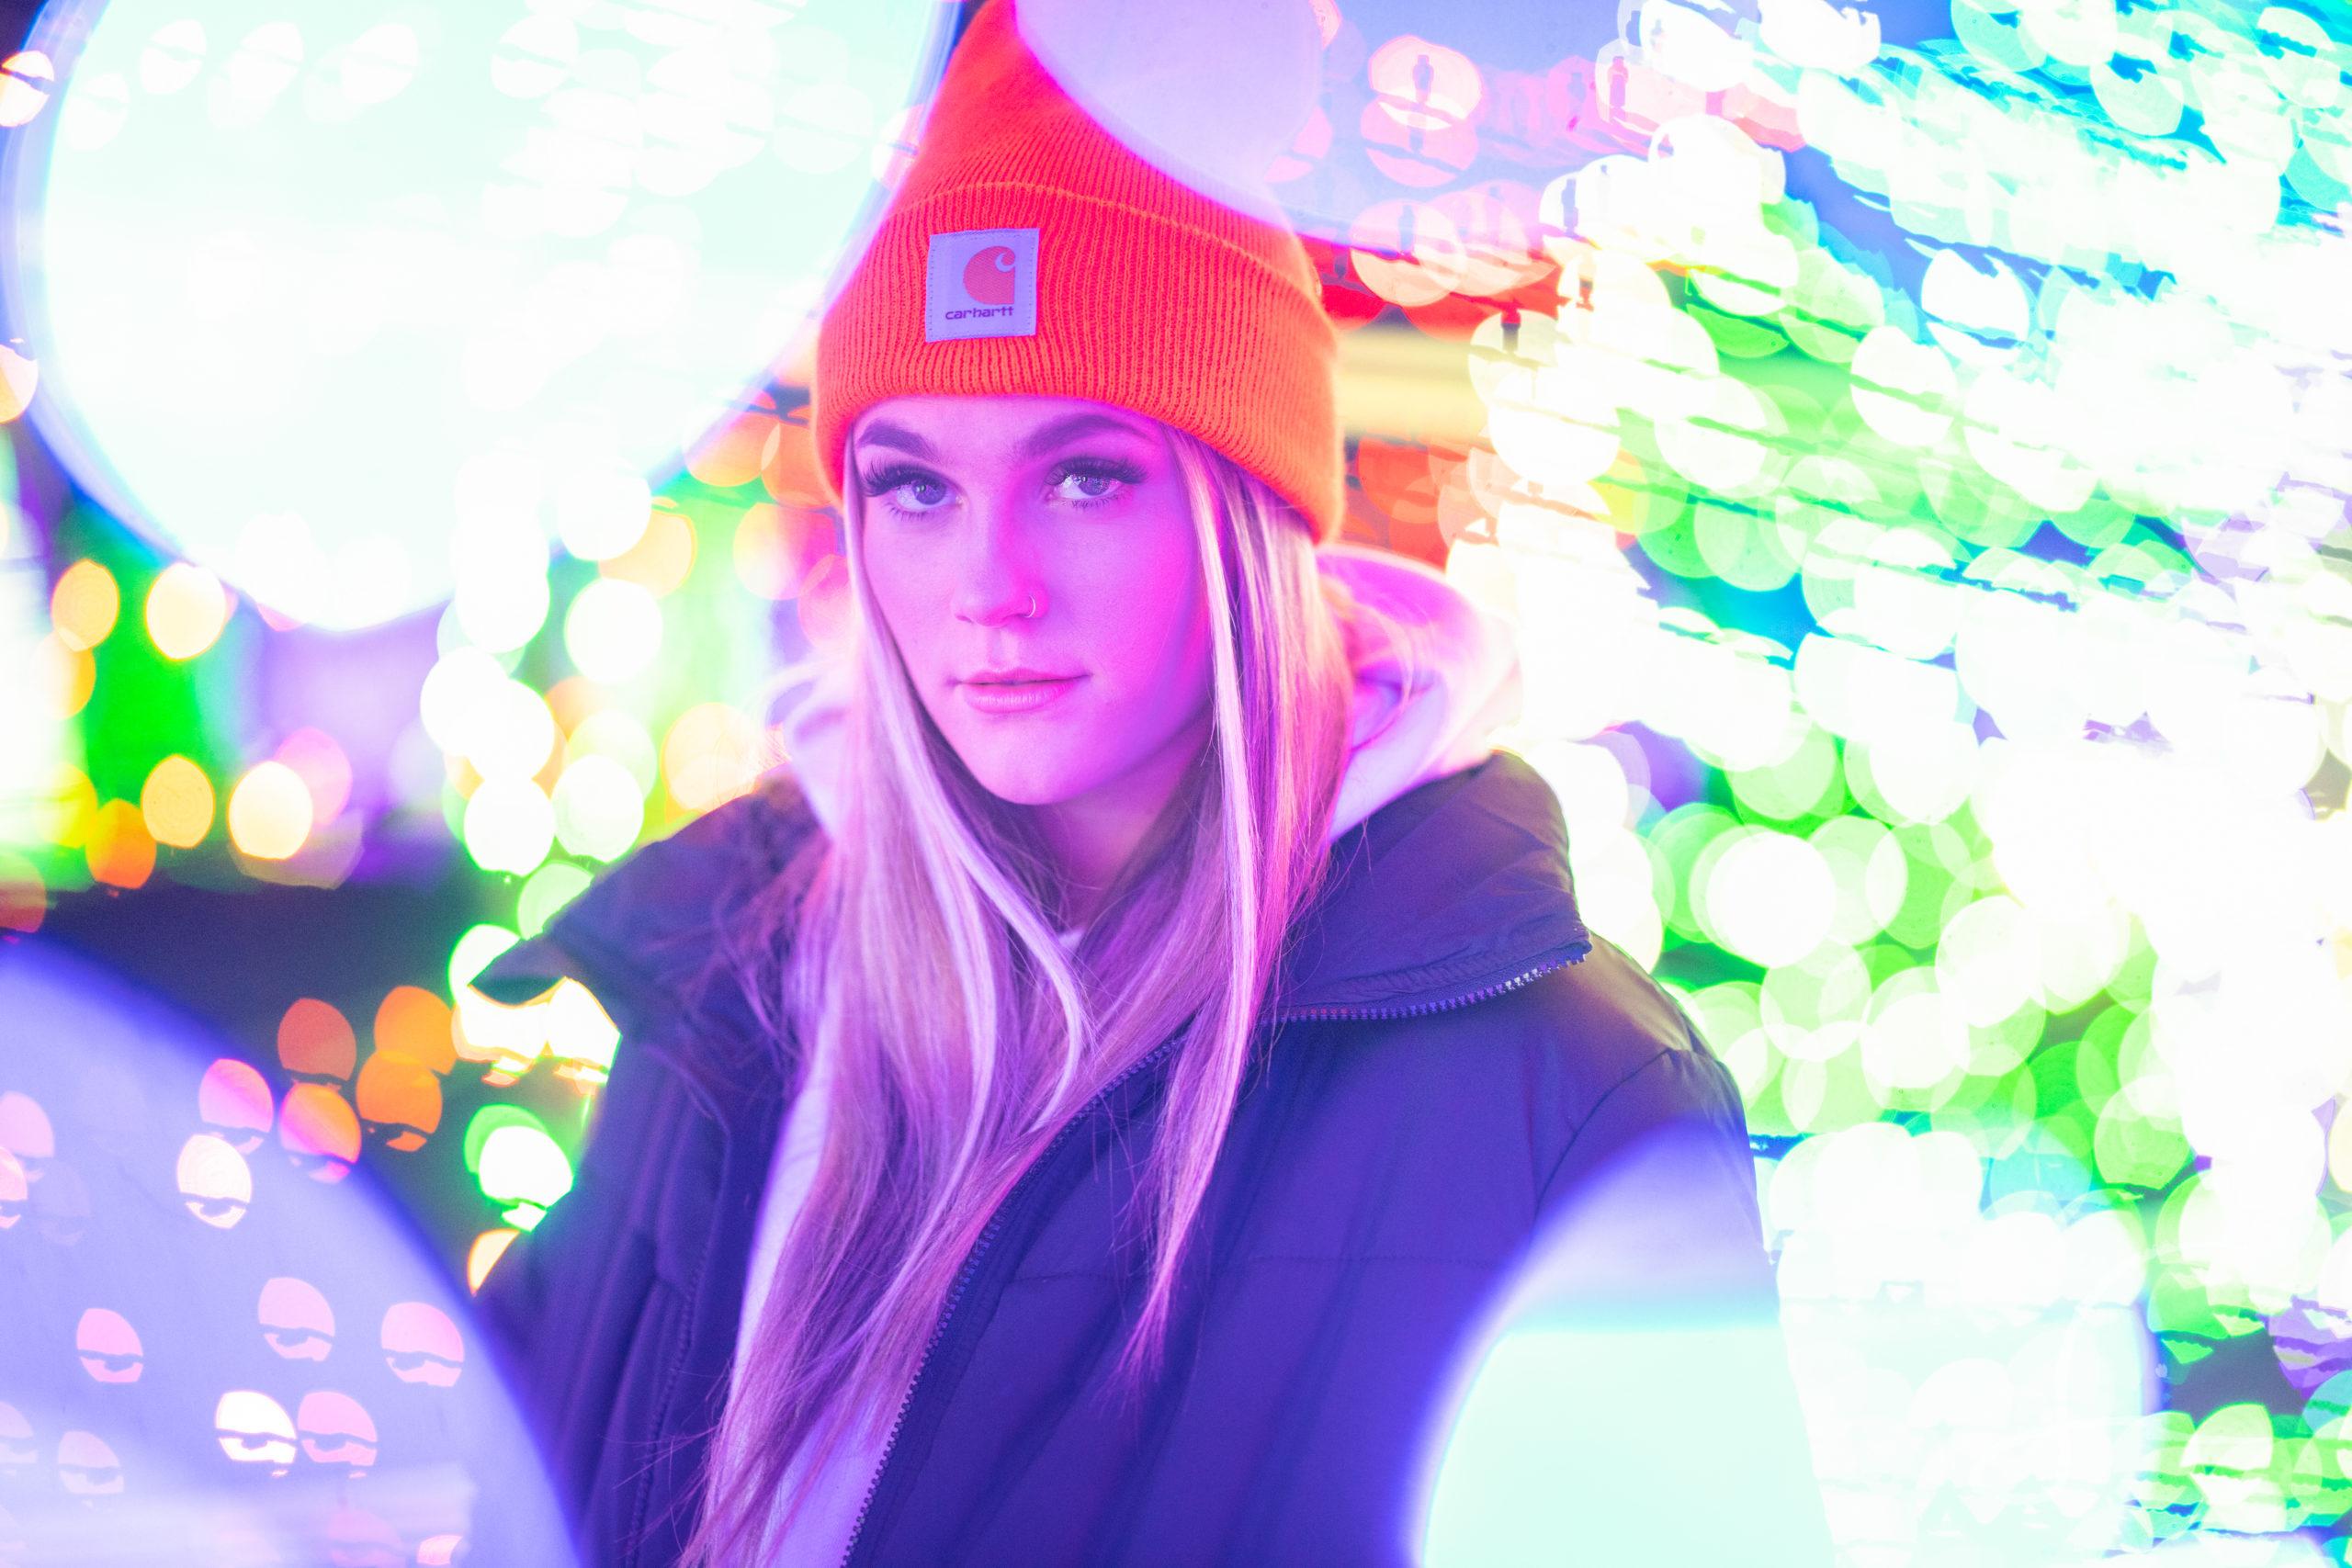 Teen girl headshot with twinkle lights